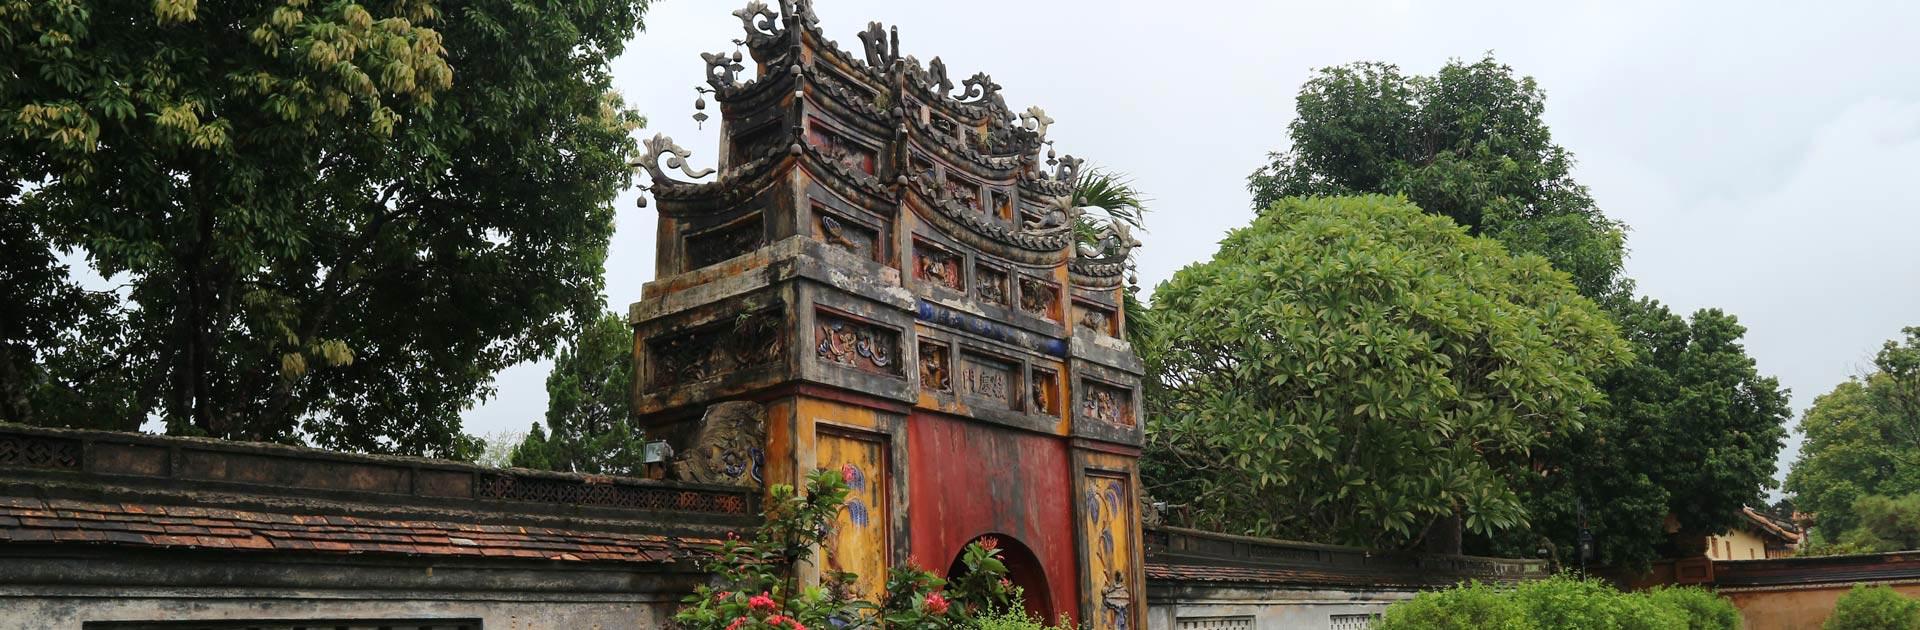 KHVN Vietnam y Camboya por el Mekong 17 días 2